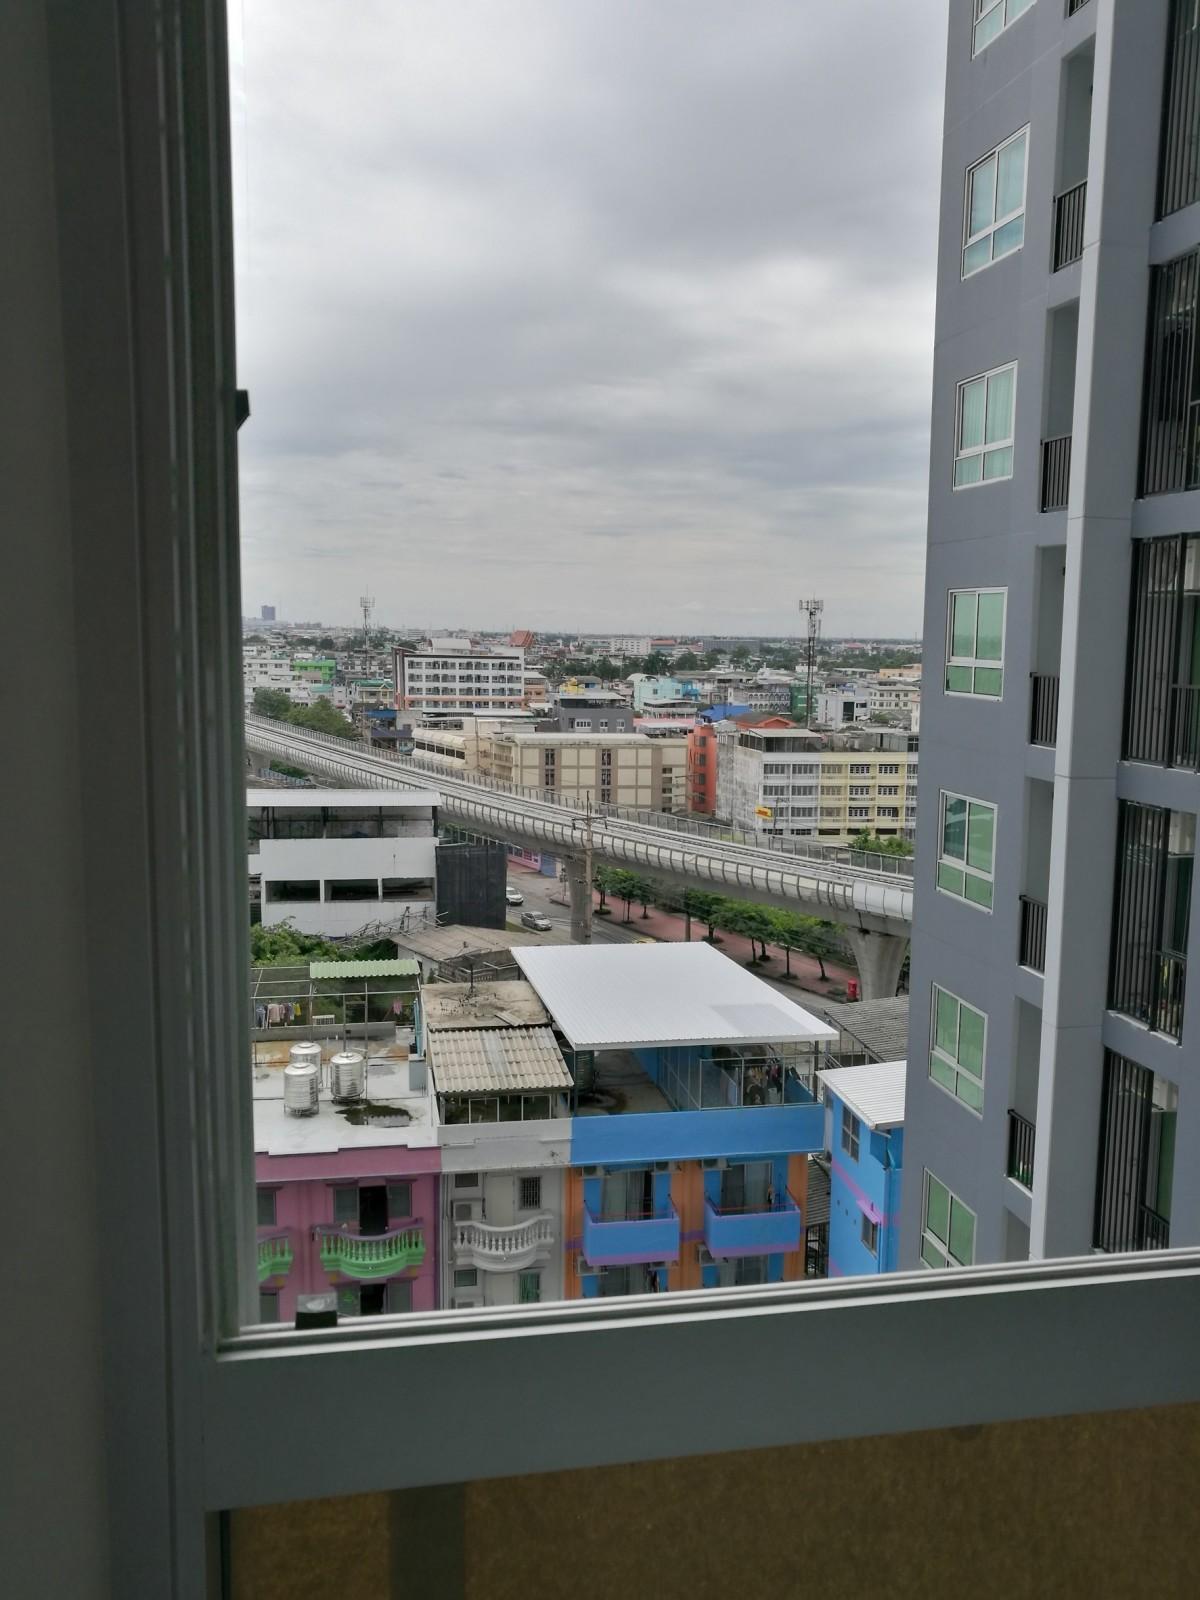 รูปของประกาศเช่าคอนโดชีวาทัย เพชรเกษม 27 (Chewathai Phetkasem 27)(1 ห้องนอน)(3)